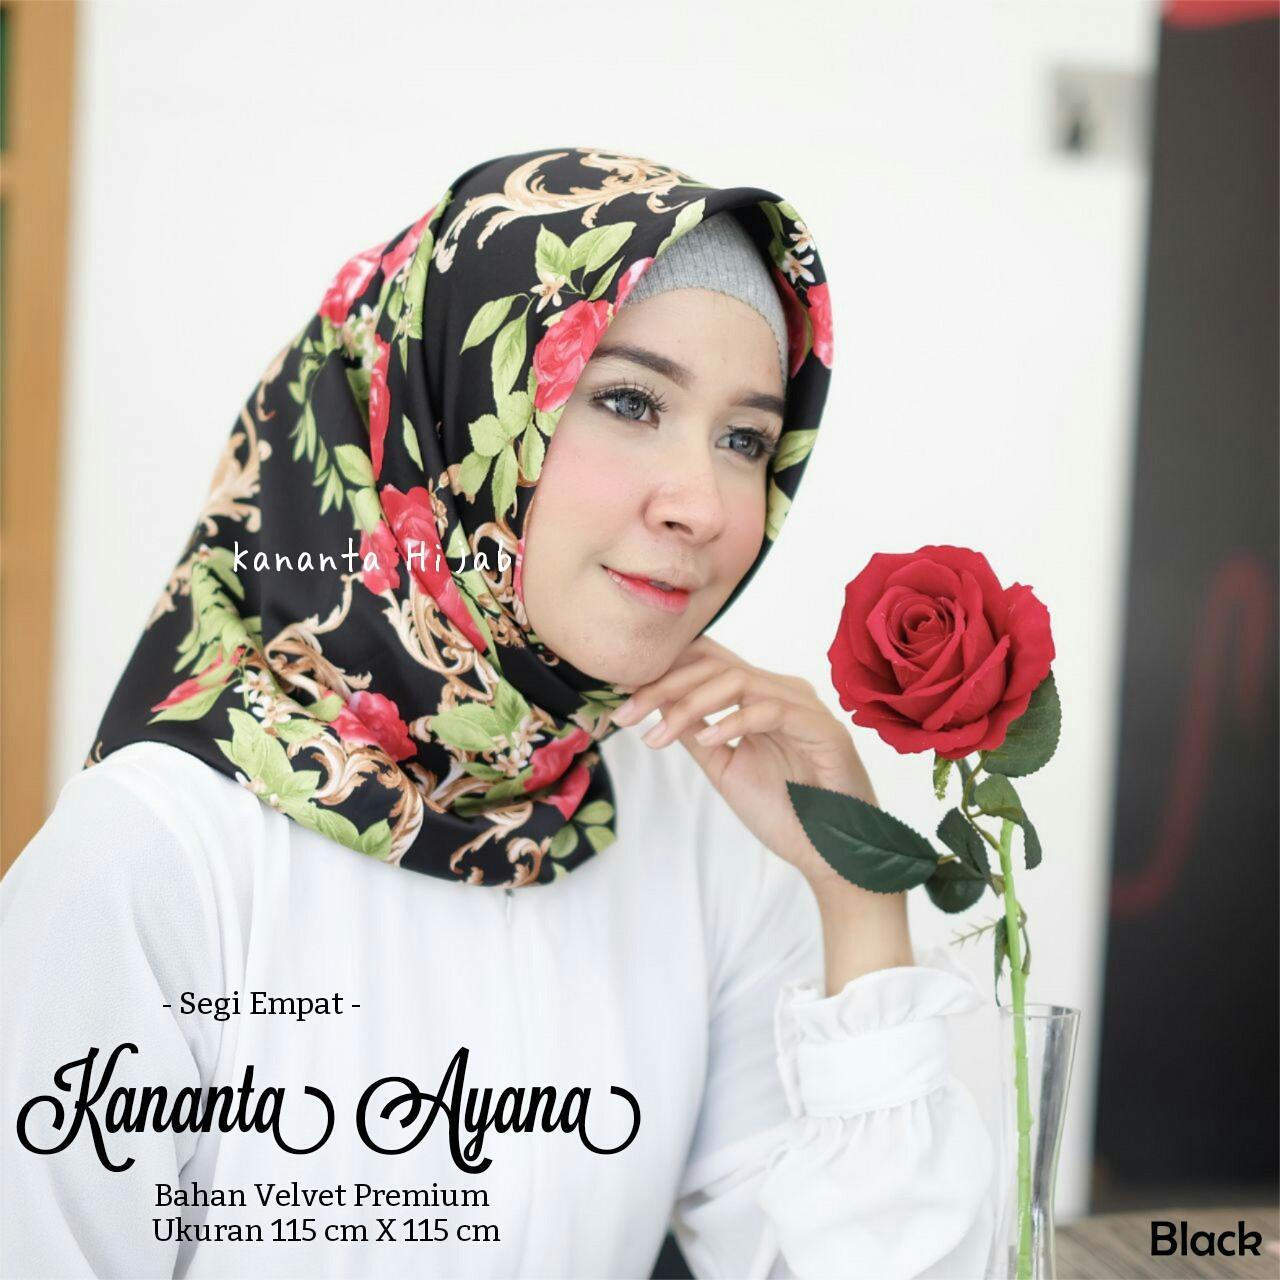 Kananta Hijab Segi Empat Motif/ Jilbab Segi Empat Motif / Kerudung Segi Empat Motif / Hijab Motif Bunga Kain Velvet Premium Maxmara Square KANANTA AYANA